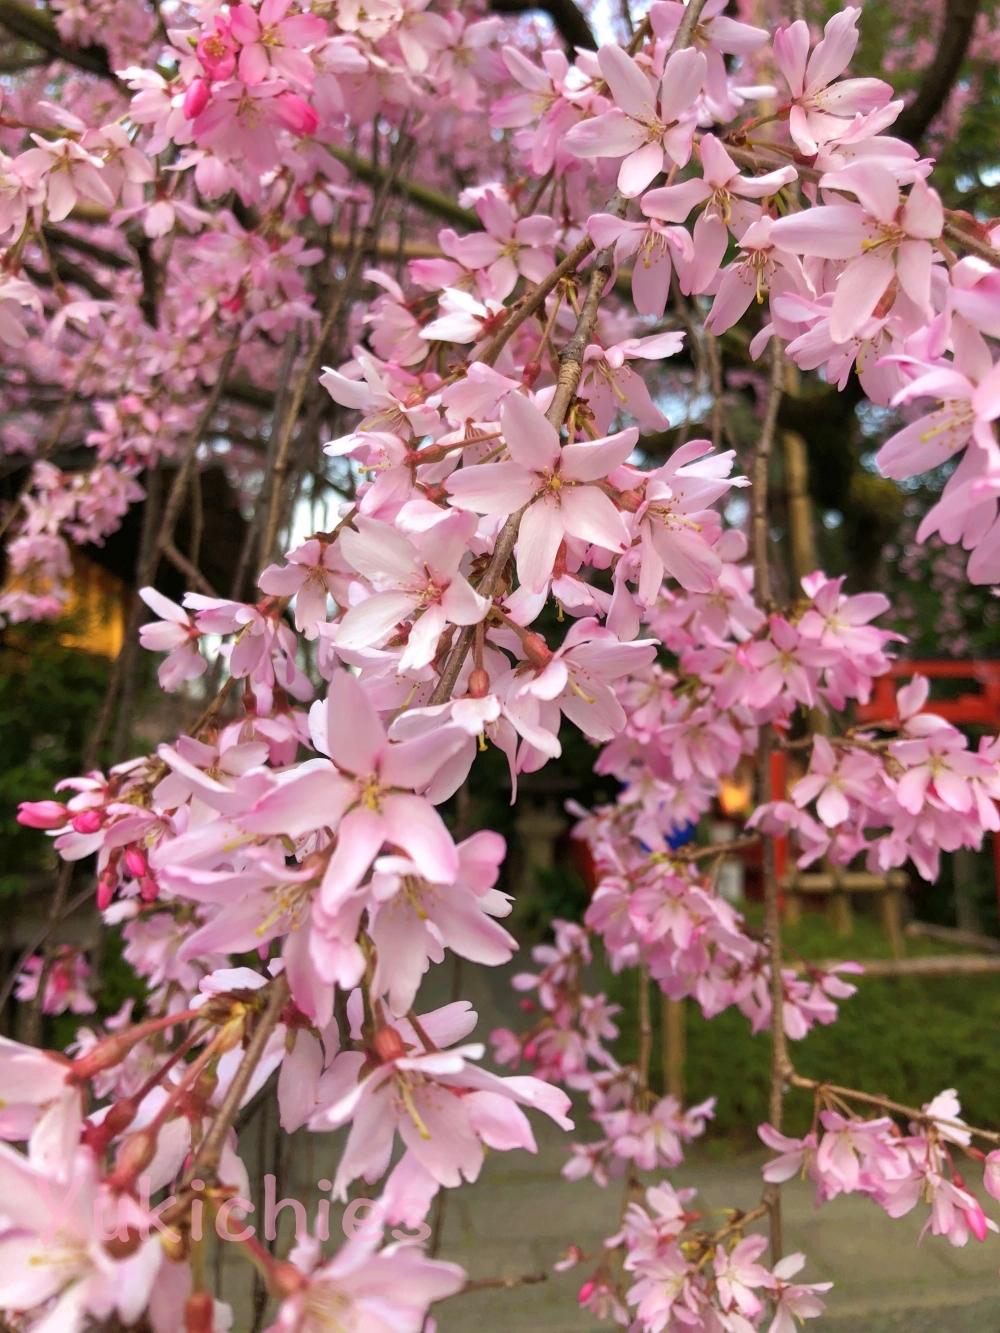 京都 堀川紫明 水火天満宮の桜 2020年 枝垂れ桜満開